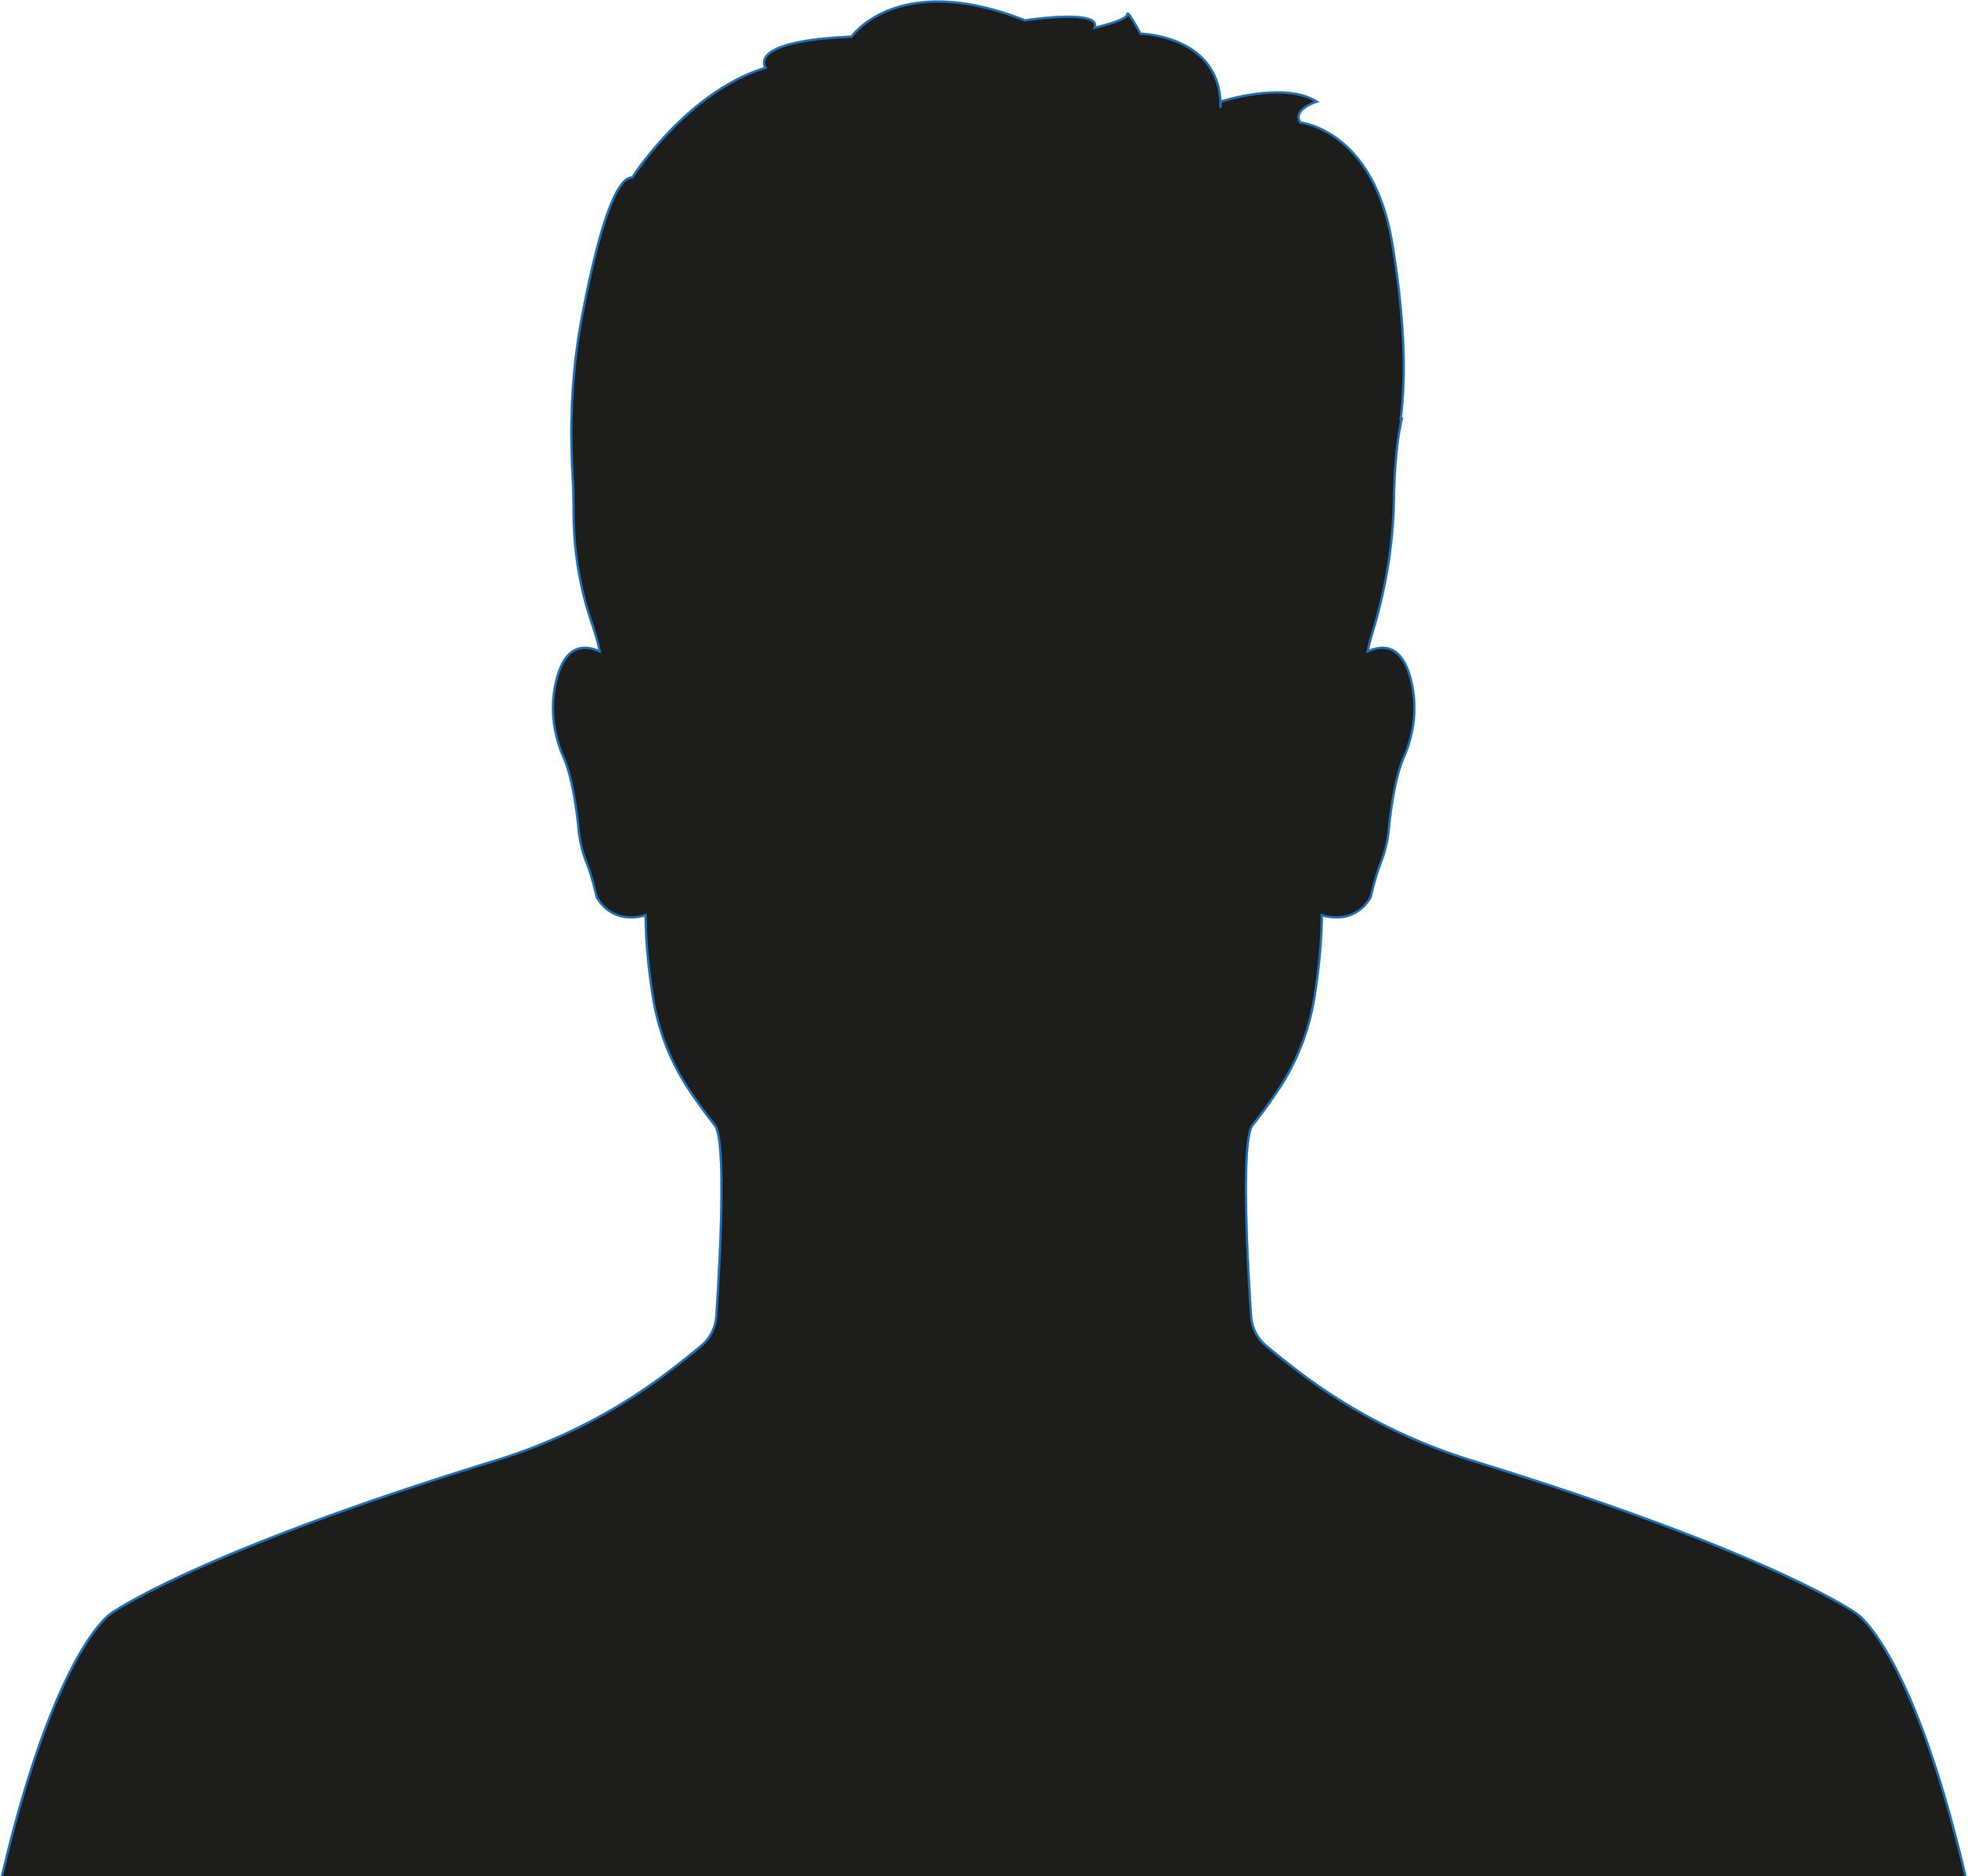 Person-Silhouette